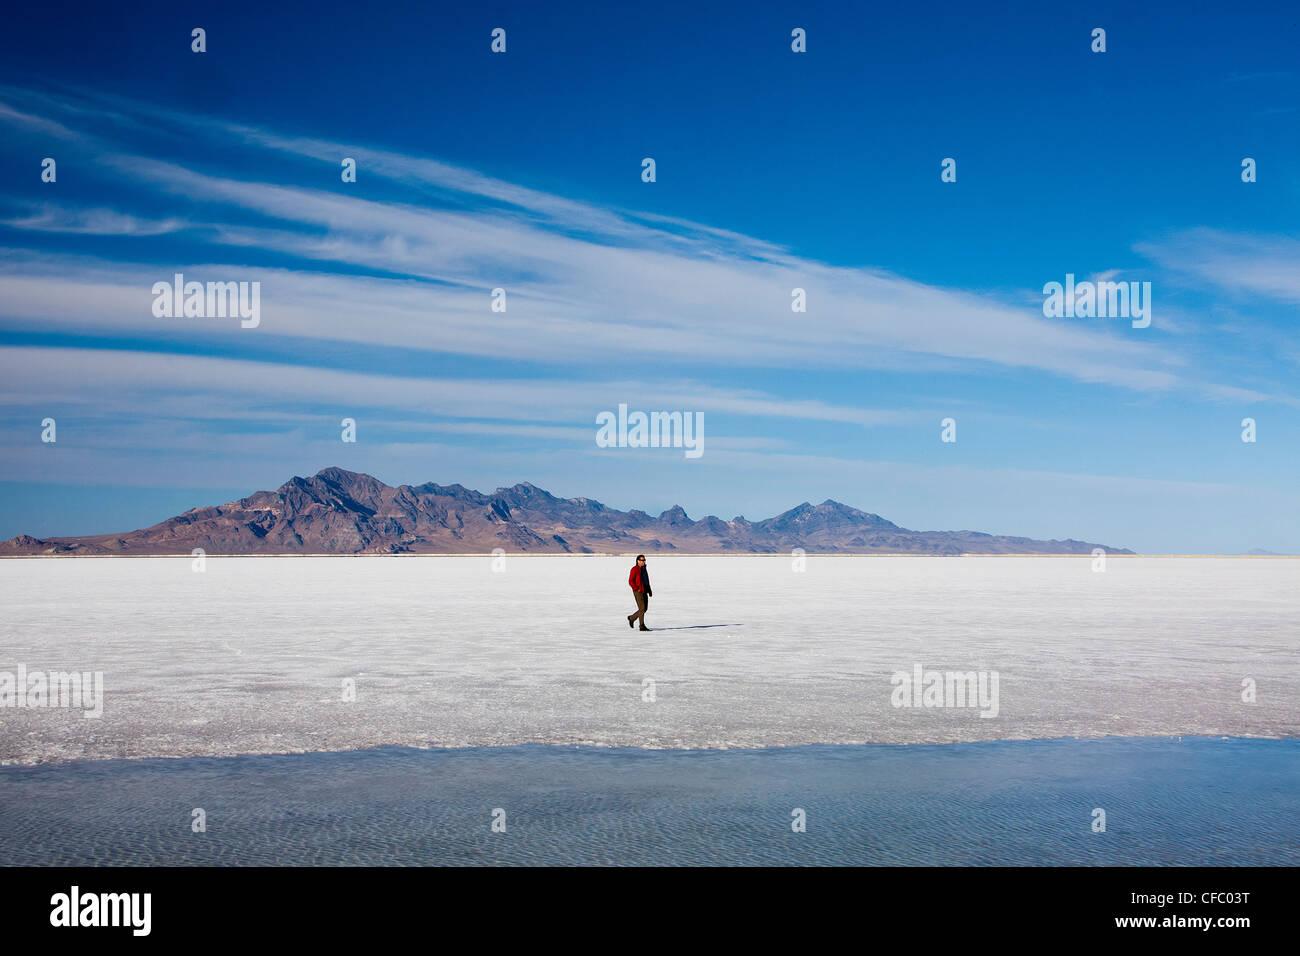 Estados Unidos, Utah, Bonneville, Salinas grandes, curioso, postre, seca, plana, viajes, enorme, el hombre, la naturaleza, Imagen De Stock